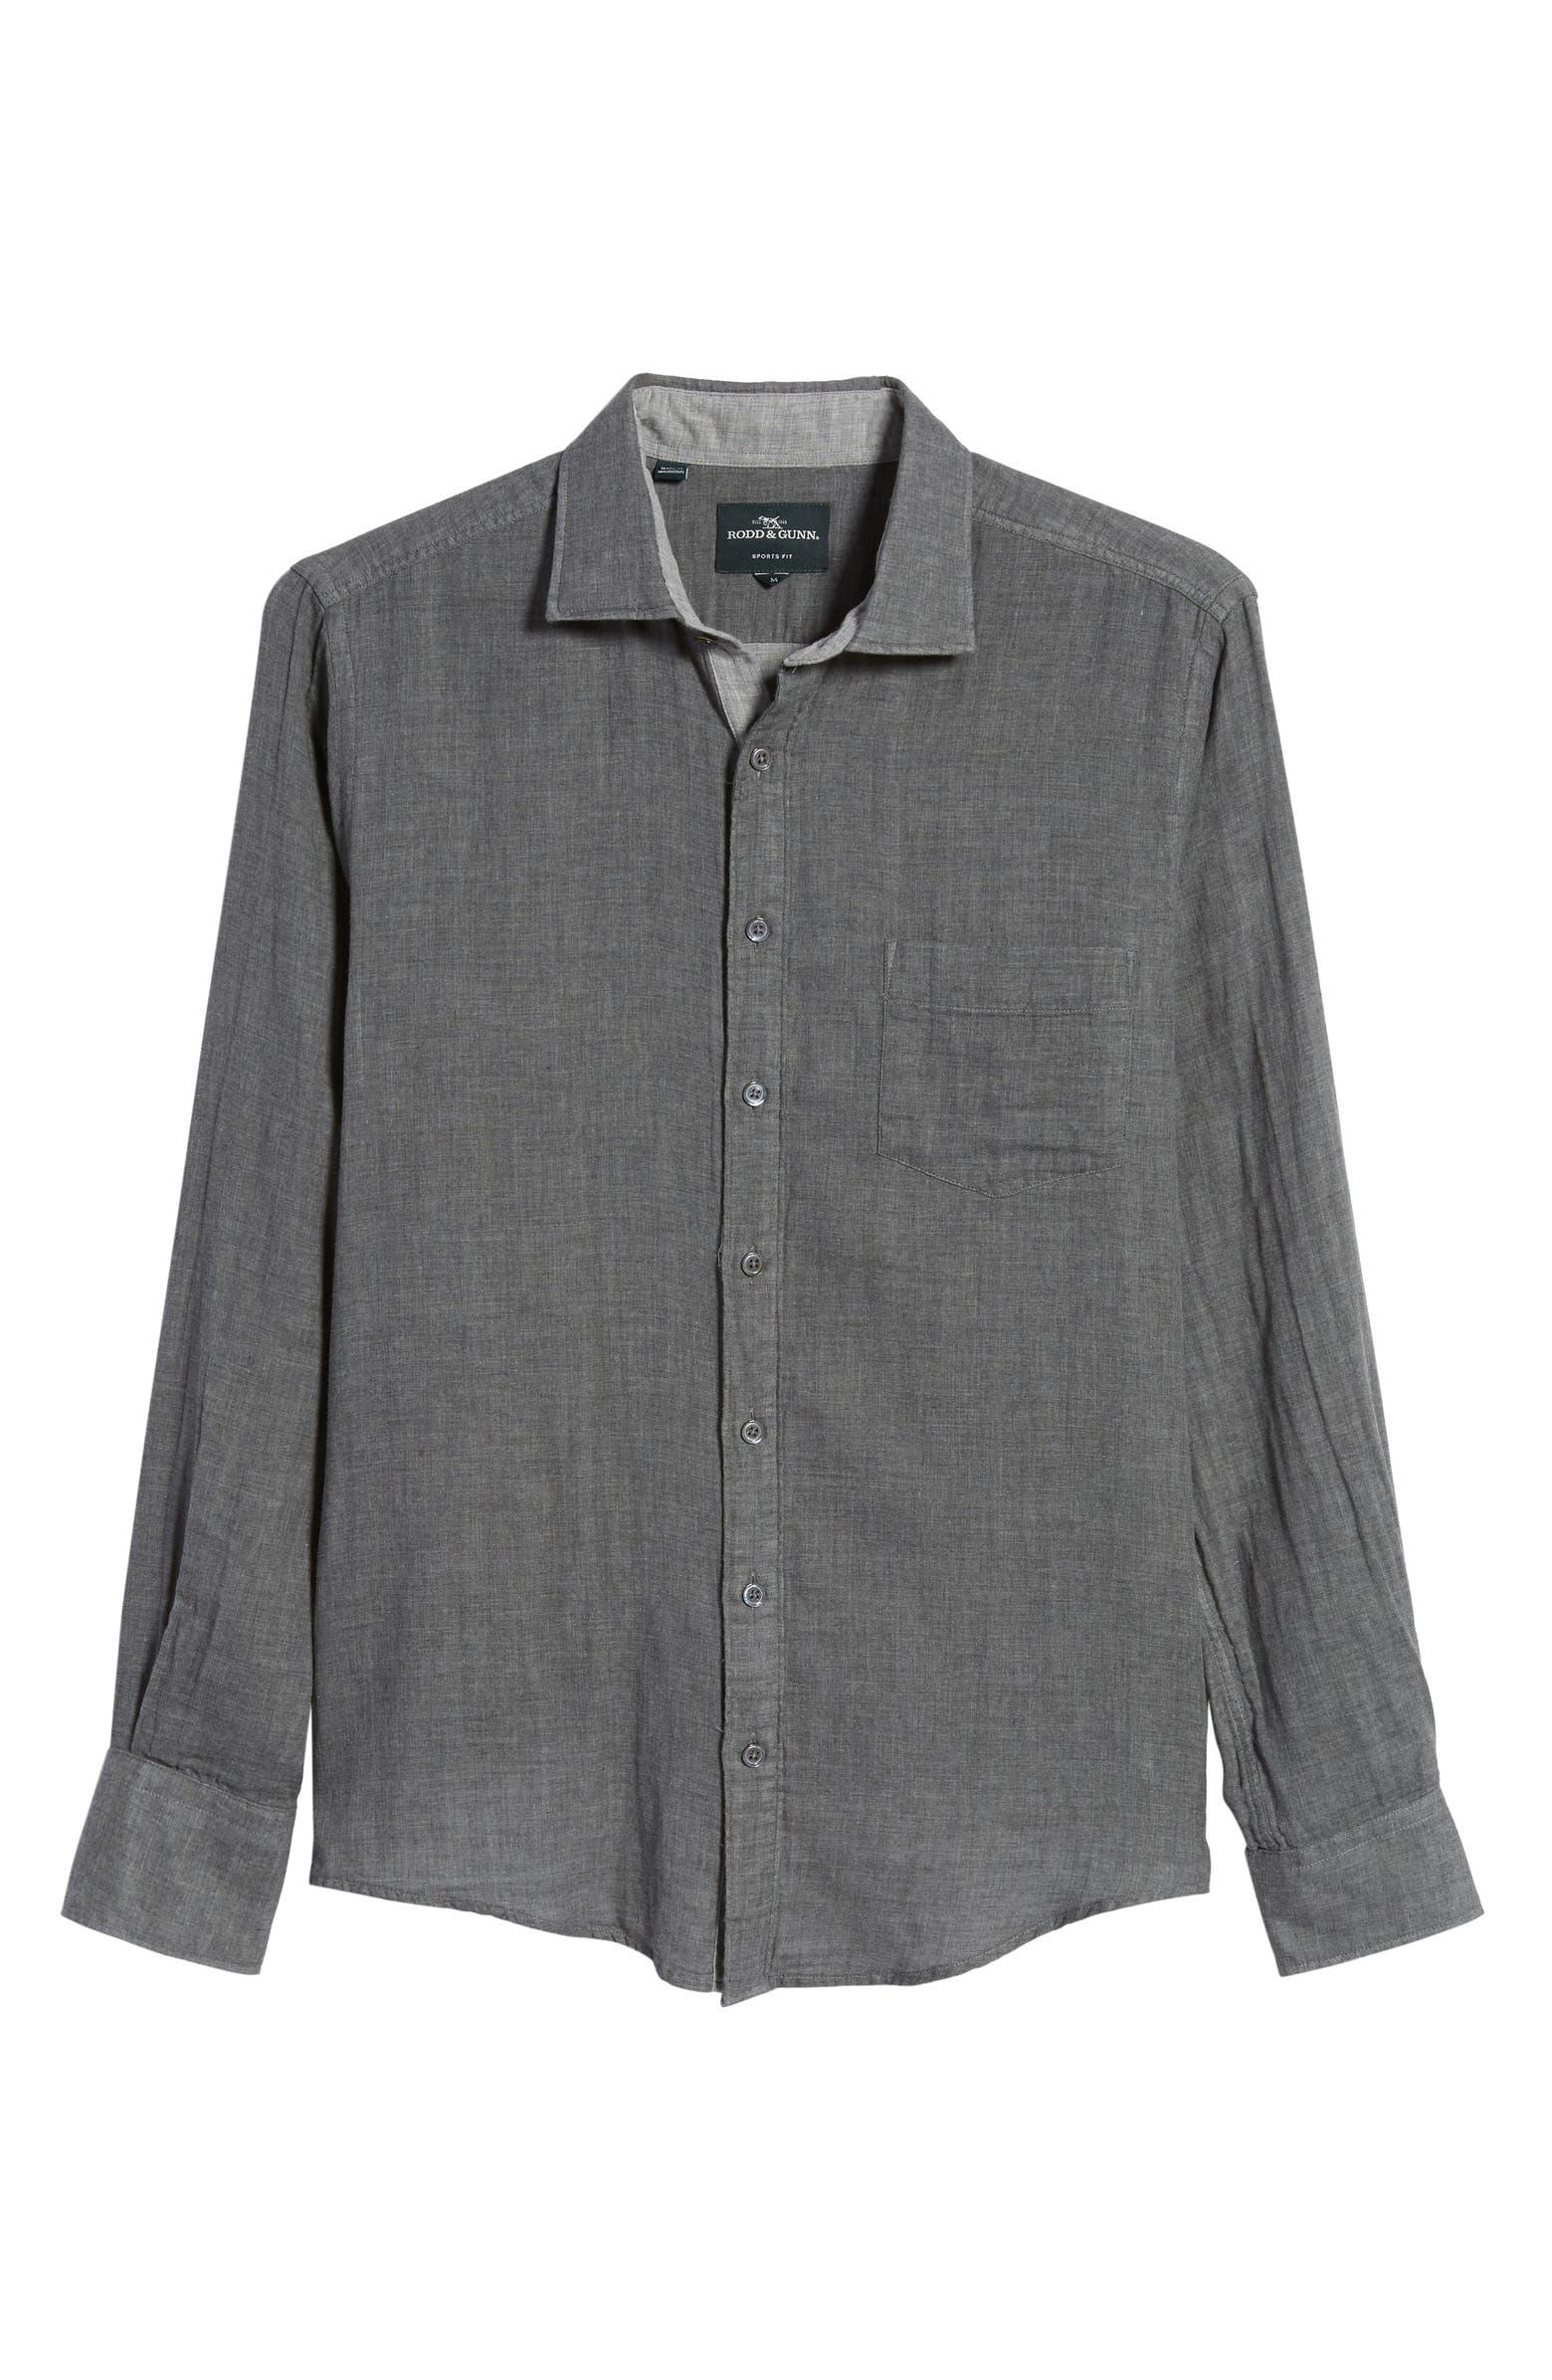 Couston Park Regular Fit Cotton Button-Up Shirt RODD & GUNN